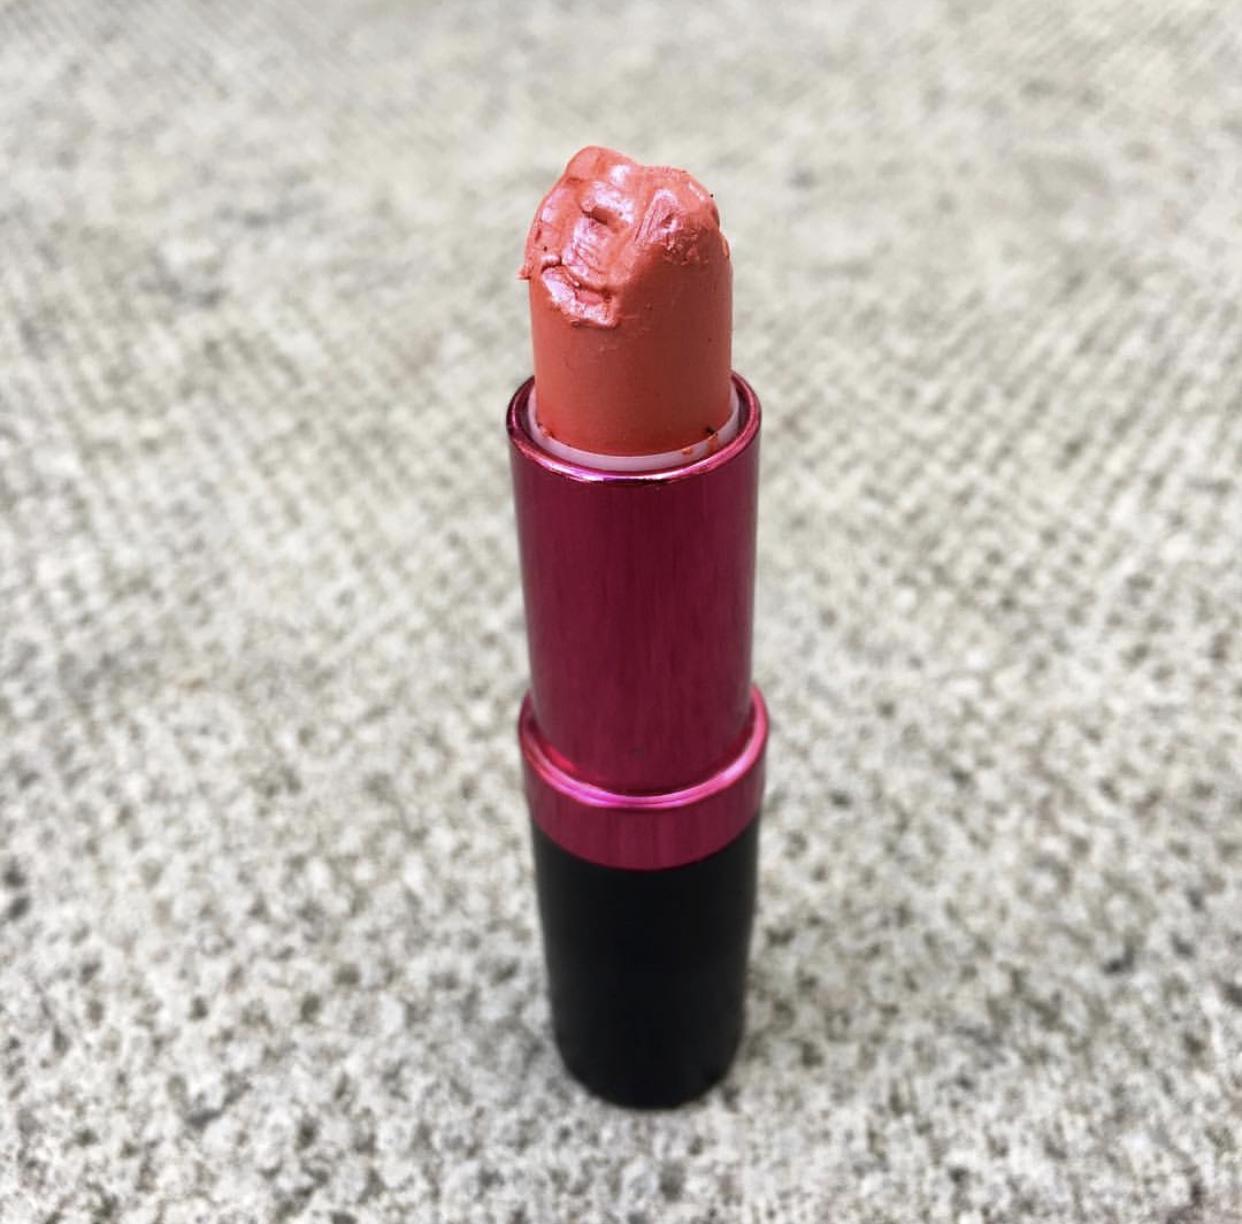 Lipstick, Brighton and Hove, 2018